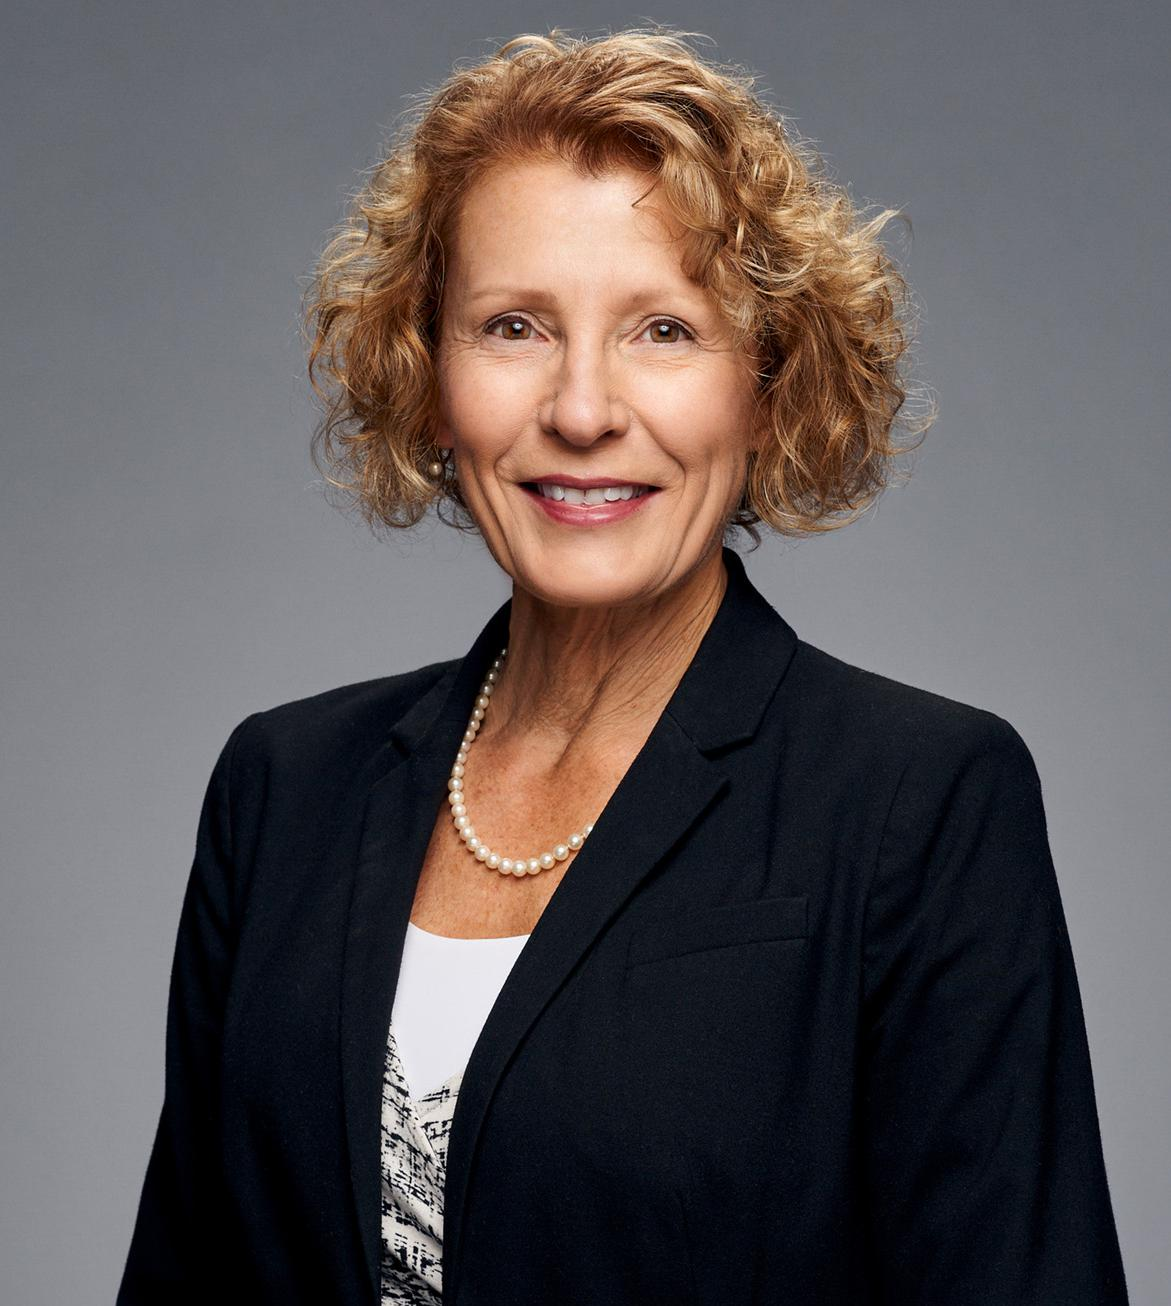 Amy A. Manley, CFP®  CLTC® Profile Photo